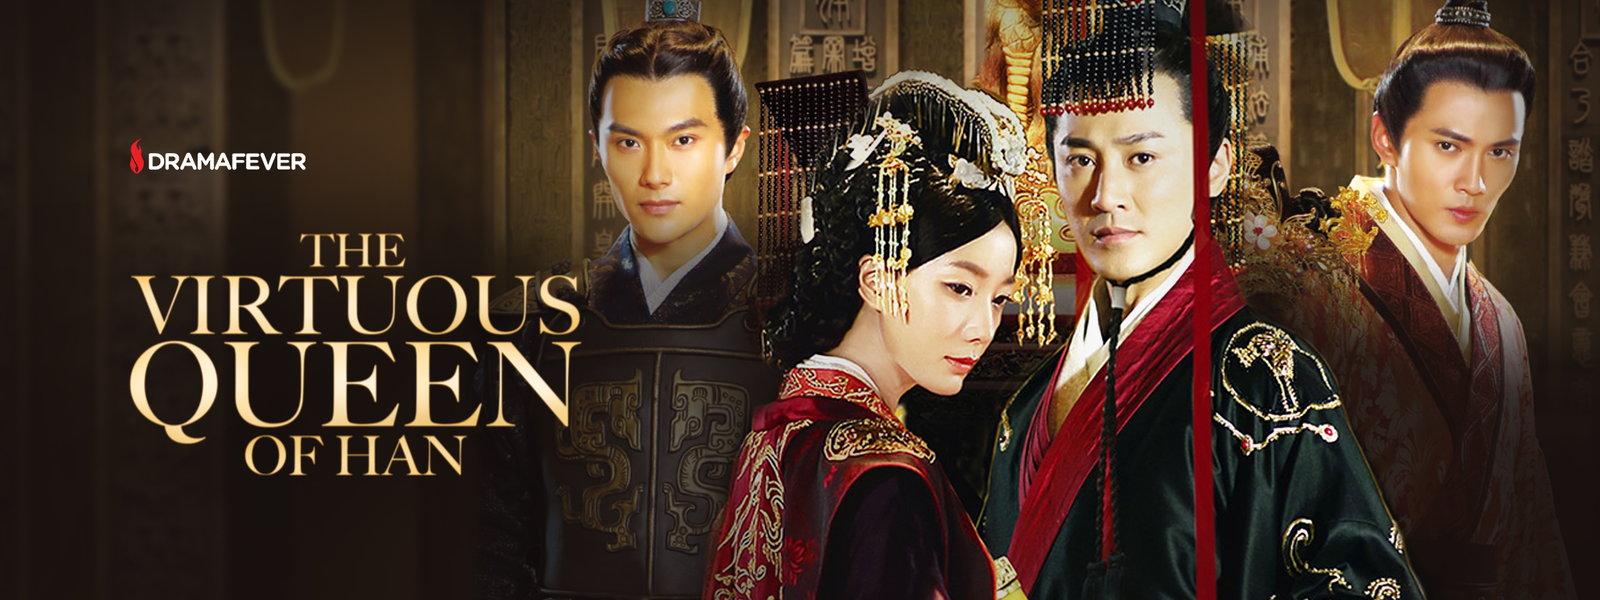 Han Queen The Virtuous Queen of Han